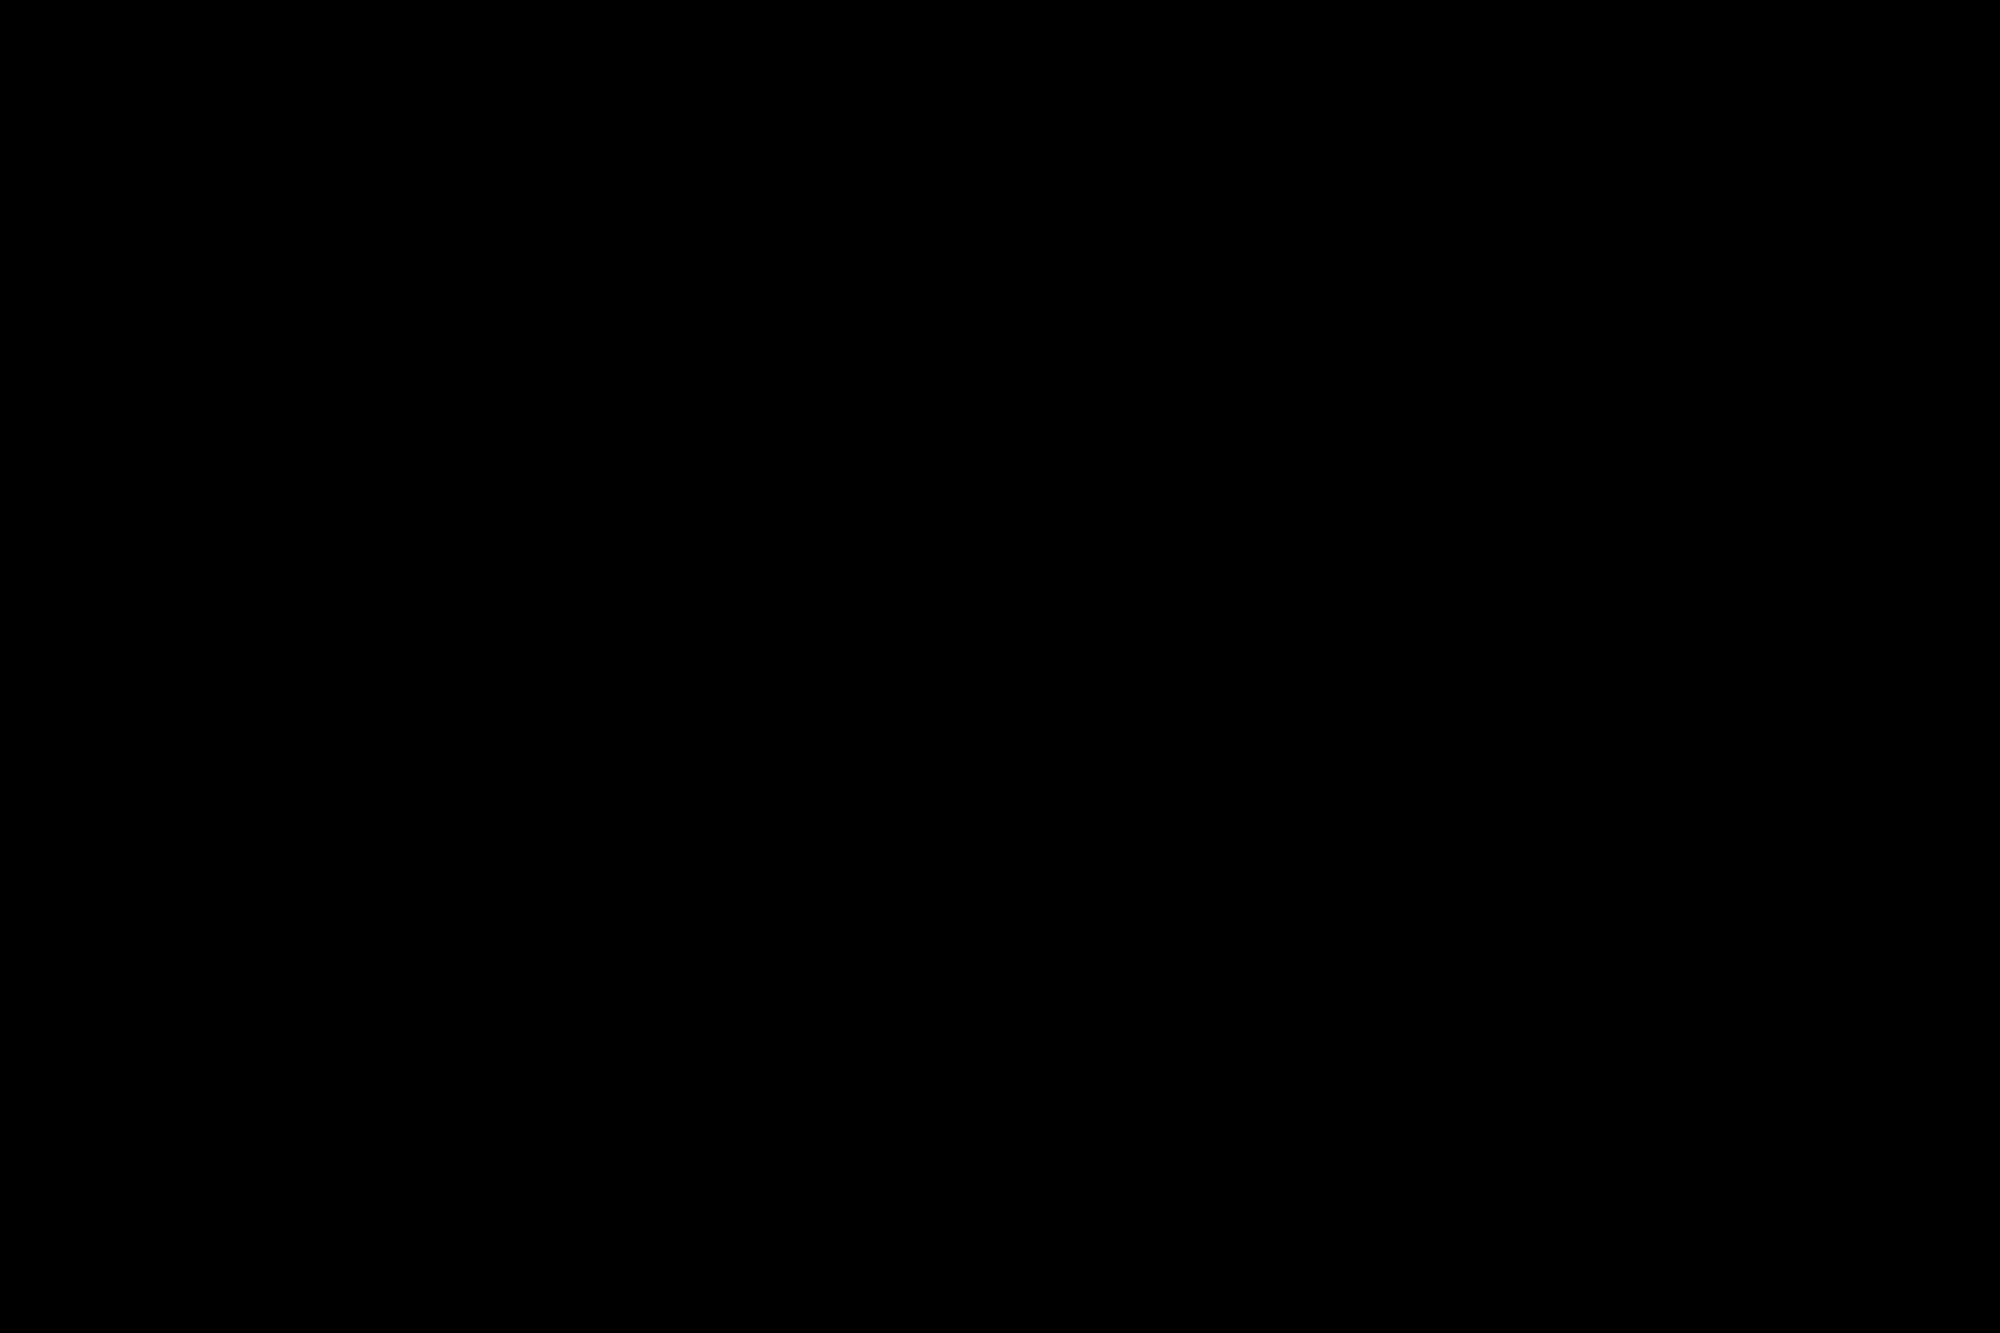 Színes nyílászárók